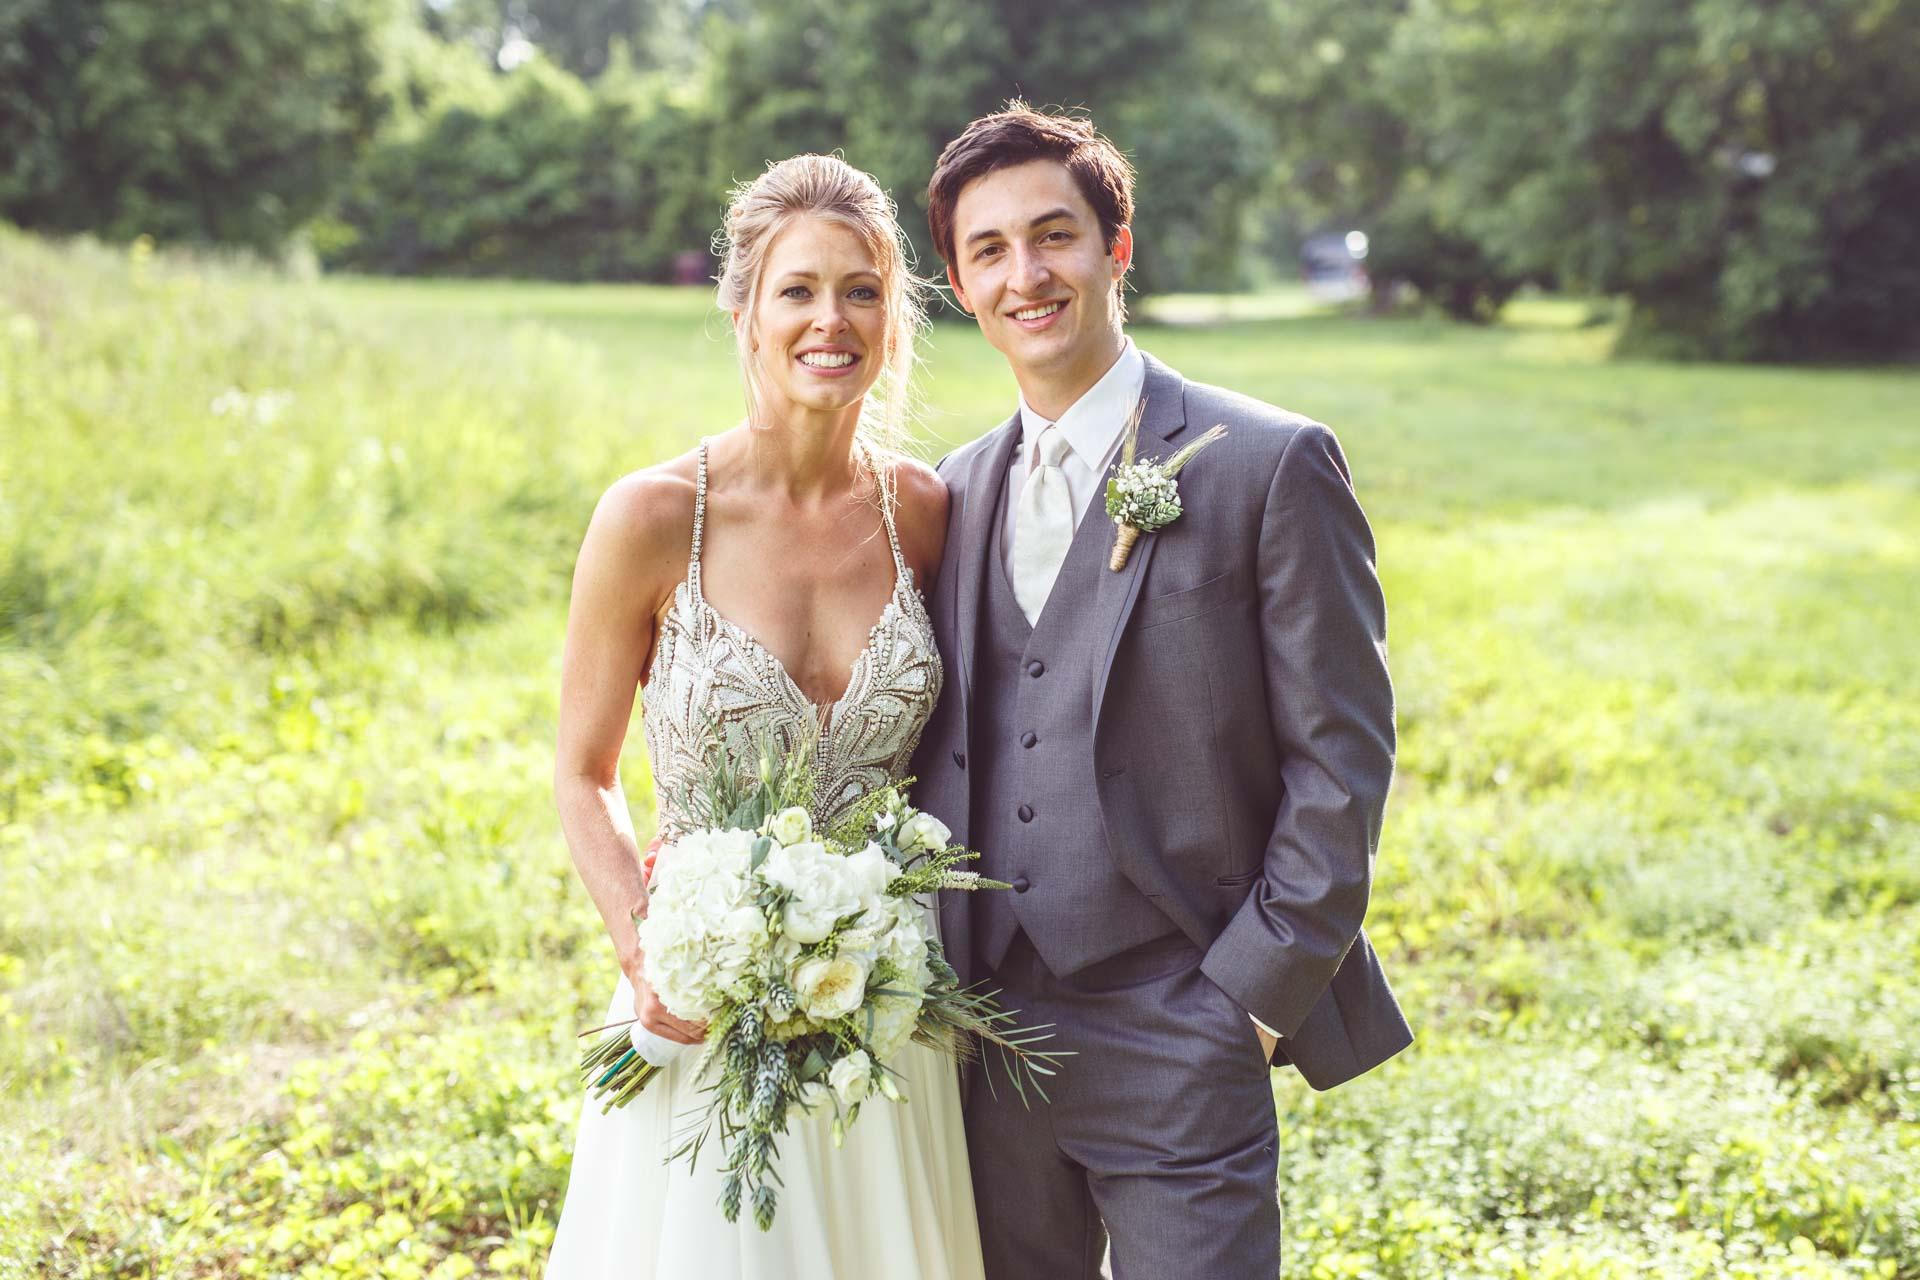 Farmington-Gardens-Wedding-Photos+(44+of+66).jpg